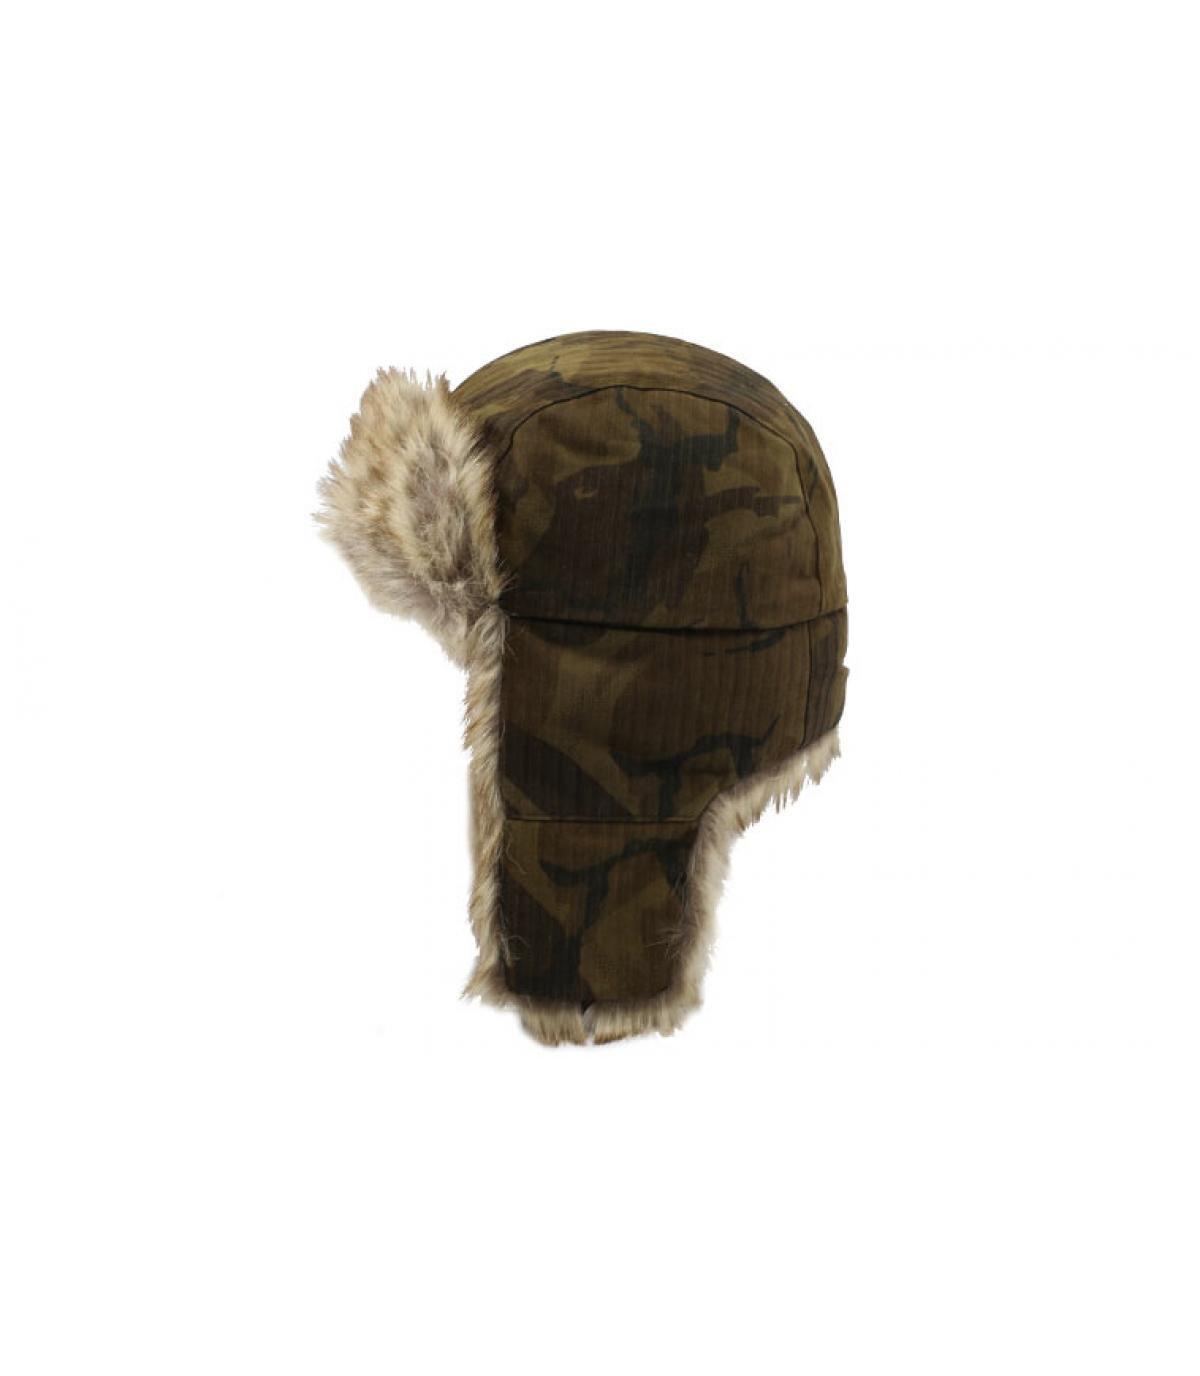 Détails Bomber Cap Waxed Cotton Camouflage - image 2